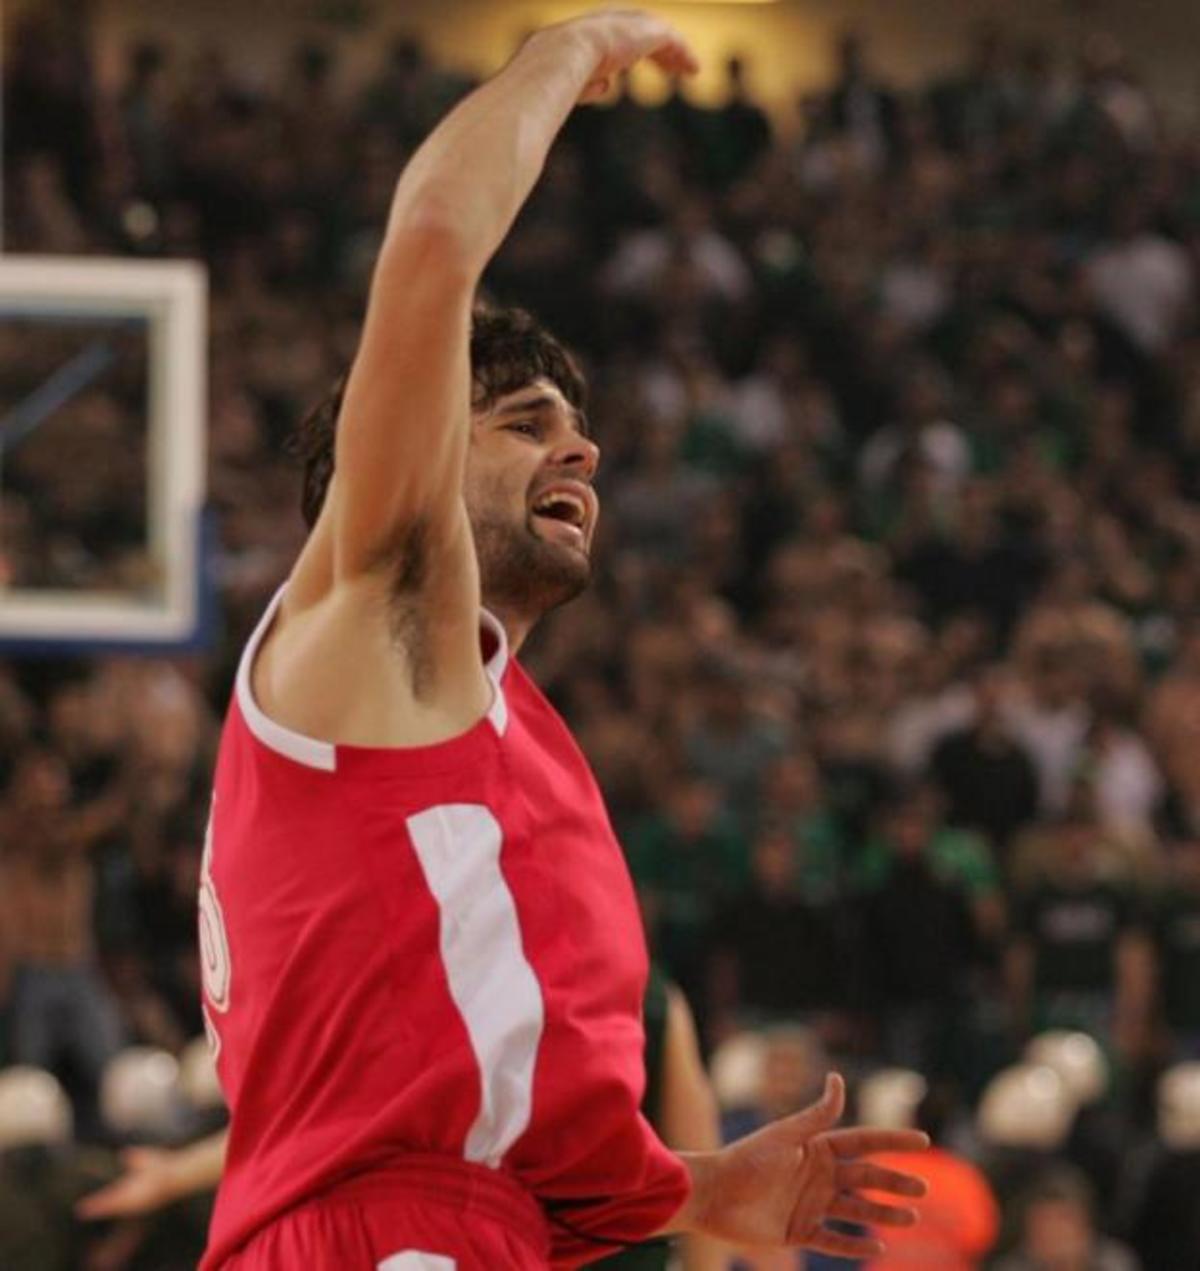 MVP του μήνα στην Ευρωλίγκα ο Τεόντοσιτς | Newsit.gr